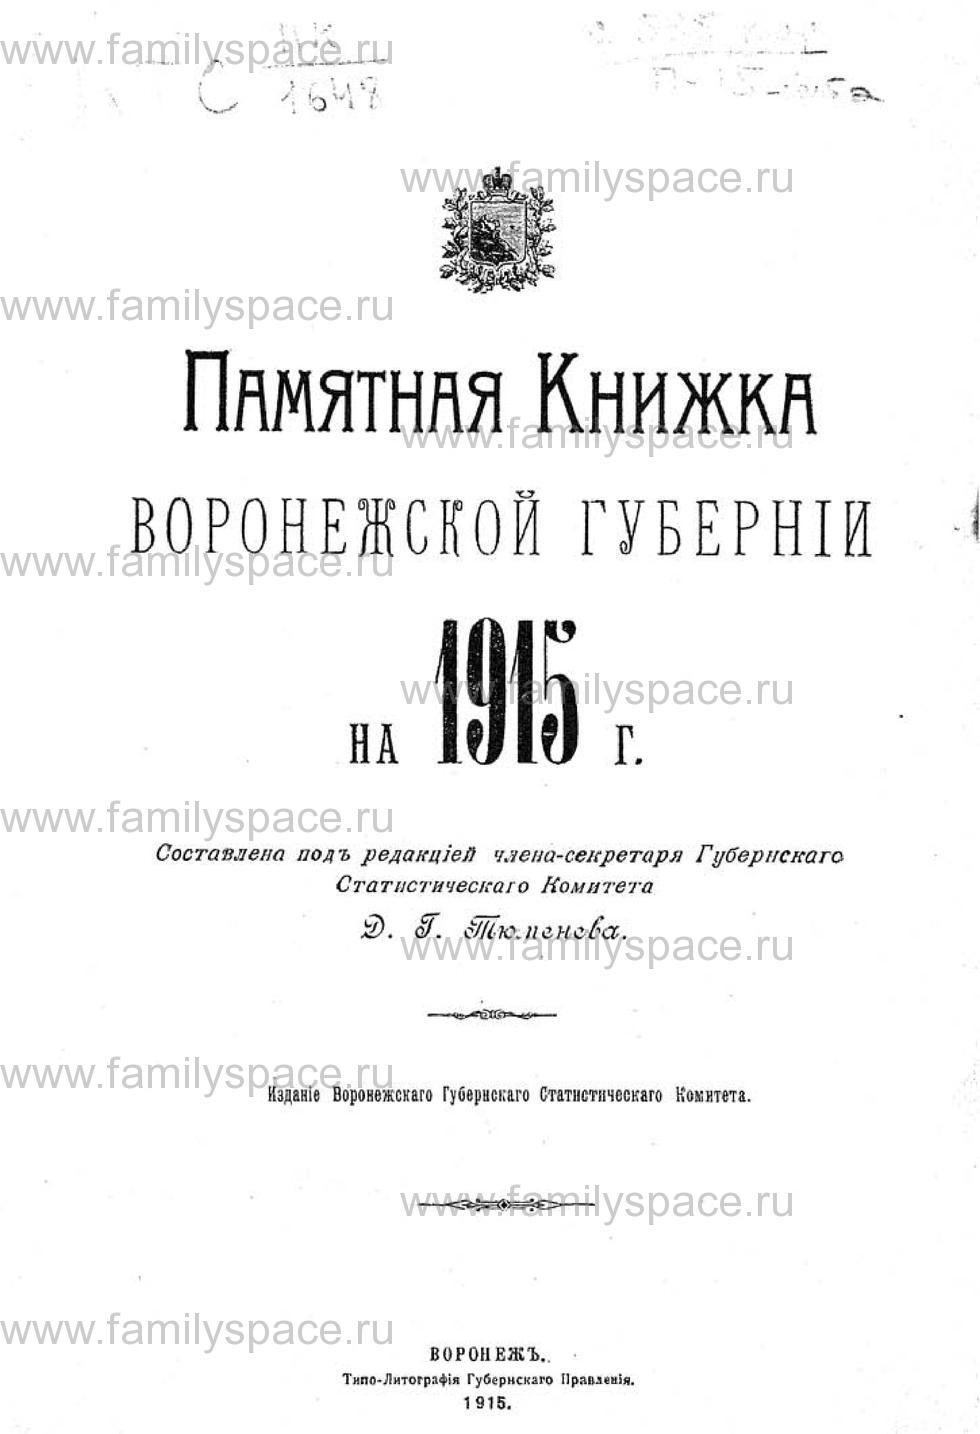 Поиск по фамилии - Памятная книжка Воронежской губернии на 1915 год, страница -2